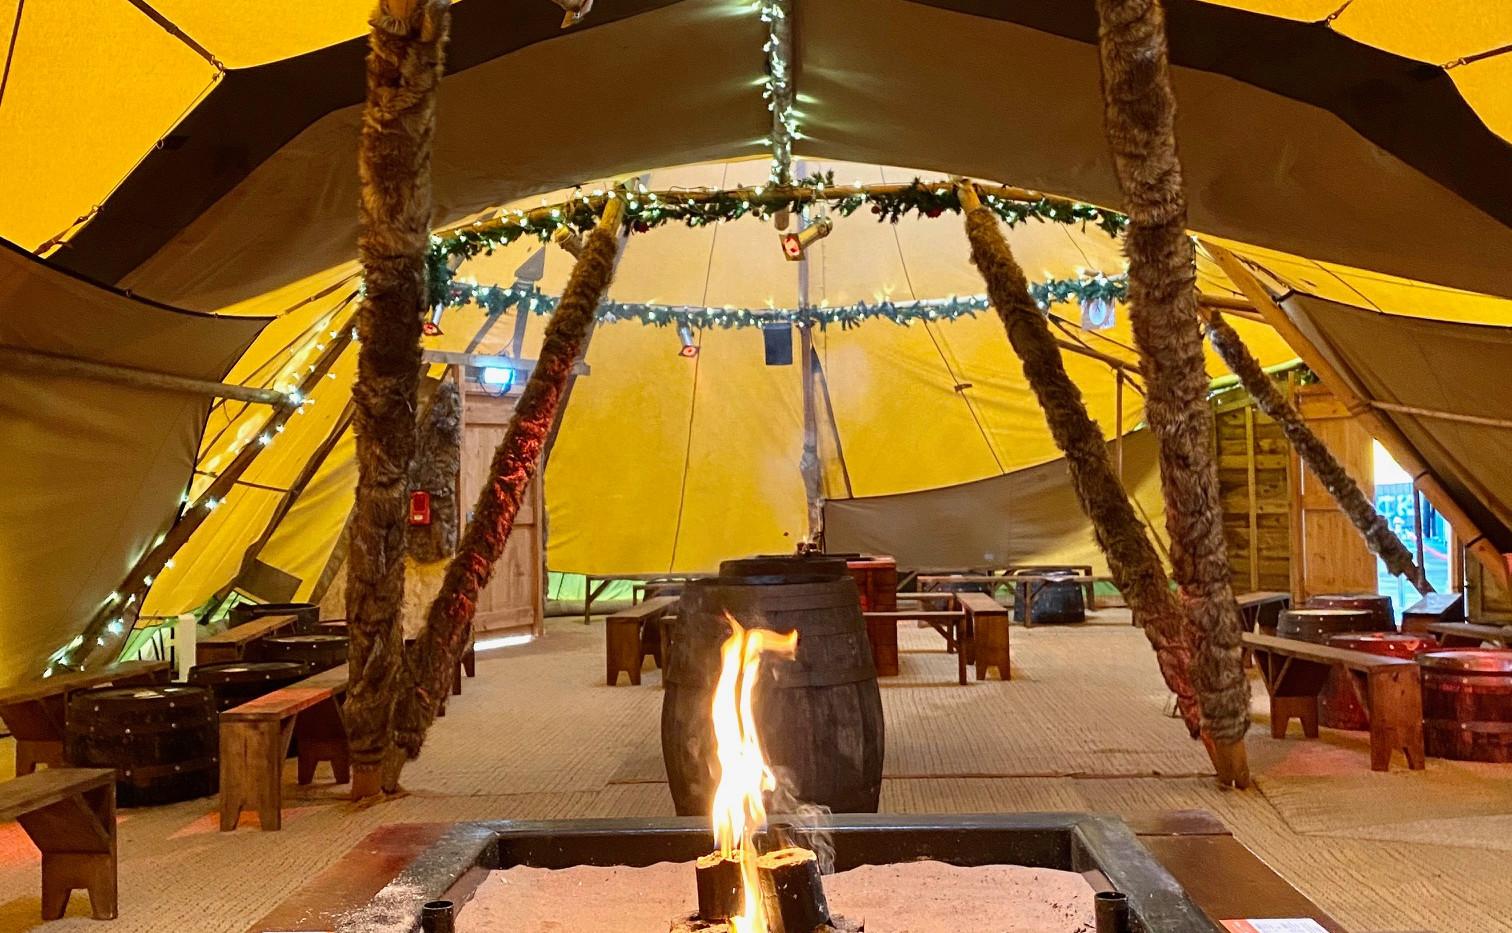 tipi teepee tent pub hospitality firepit